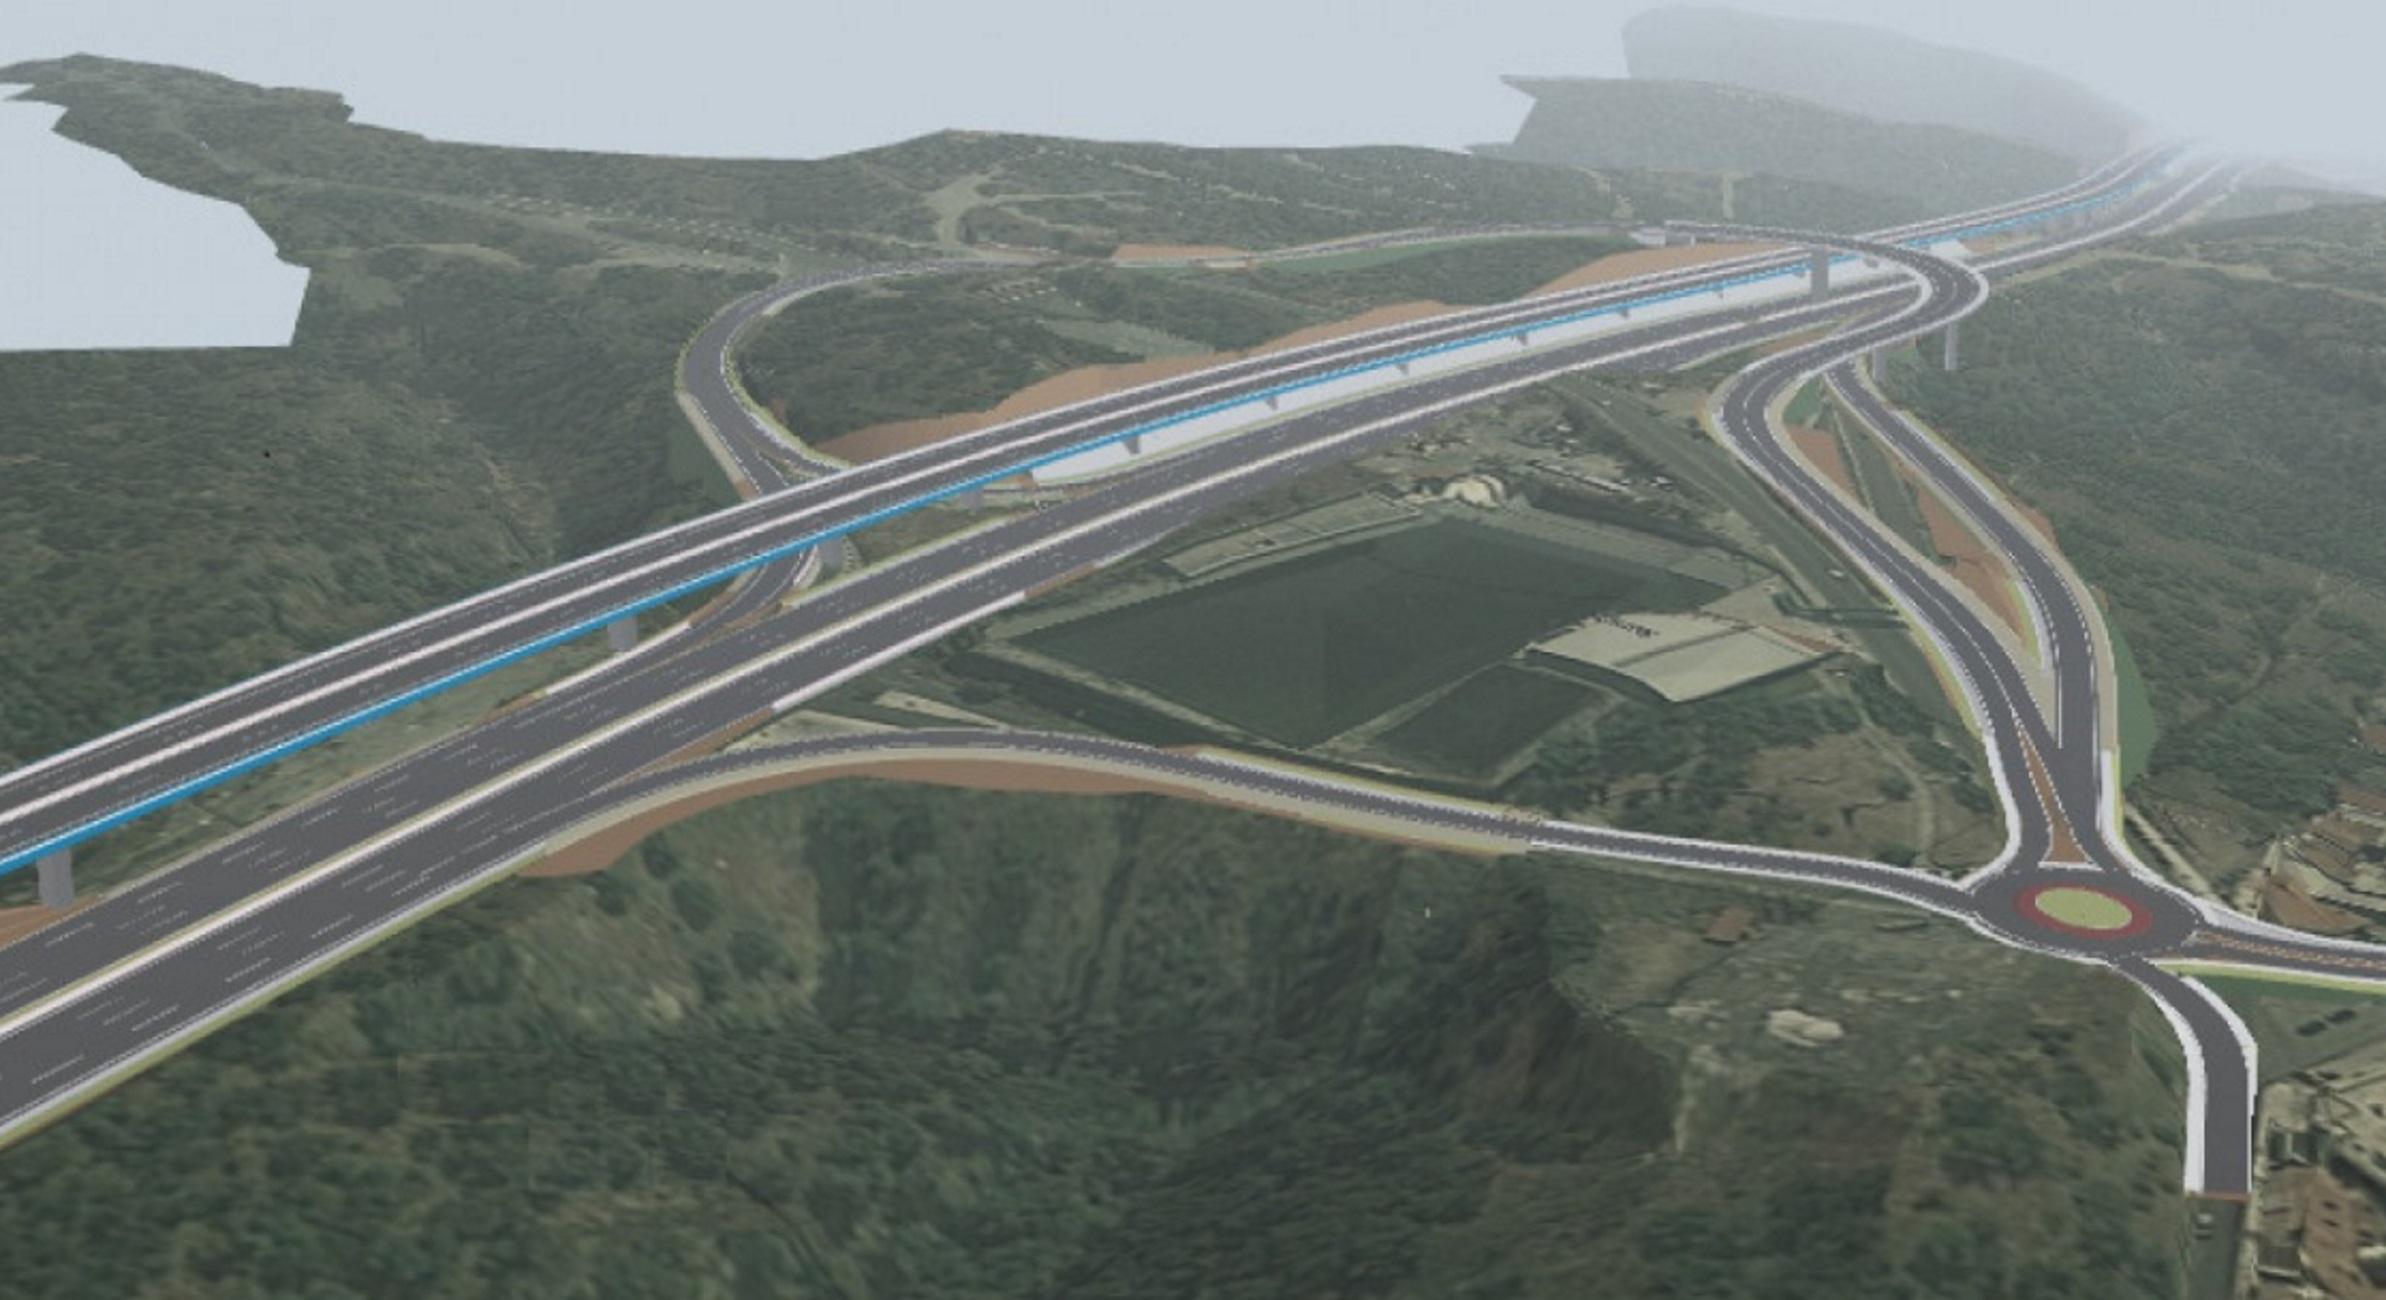 Θεσσαλονίκη: Αυτός είναι ο δρόμος των 350.000.000 ευρώ που θα αλλάξει τα δεδομένα των μετακινήσεων